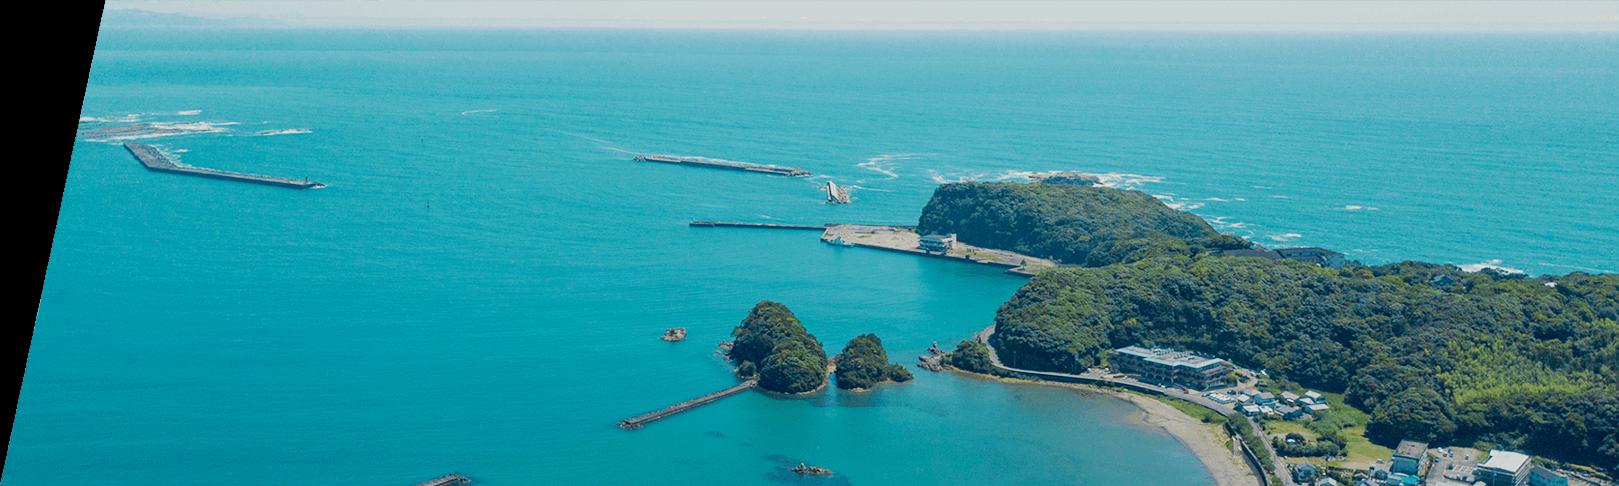 上空から那智勝浦の海